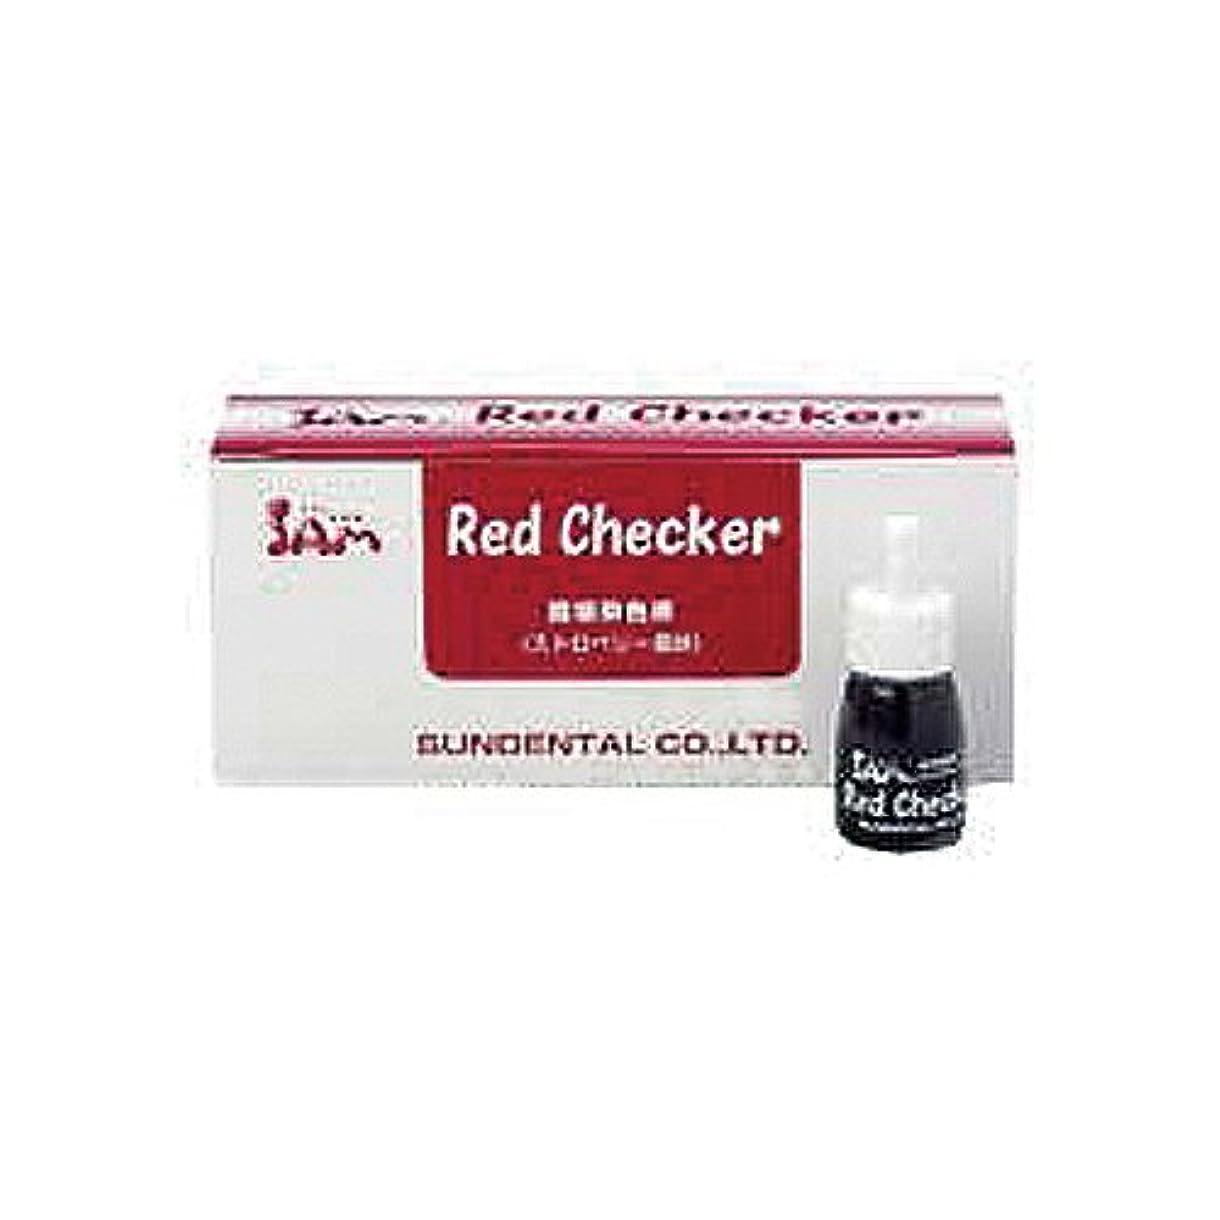 超高層ビル許す億サムフレンド レッドチェッカー Red Checker 5ml × 12本